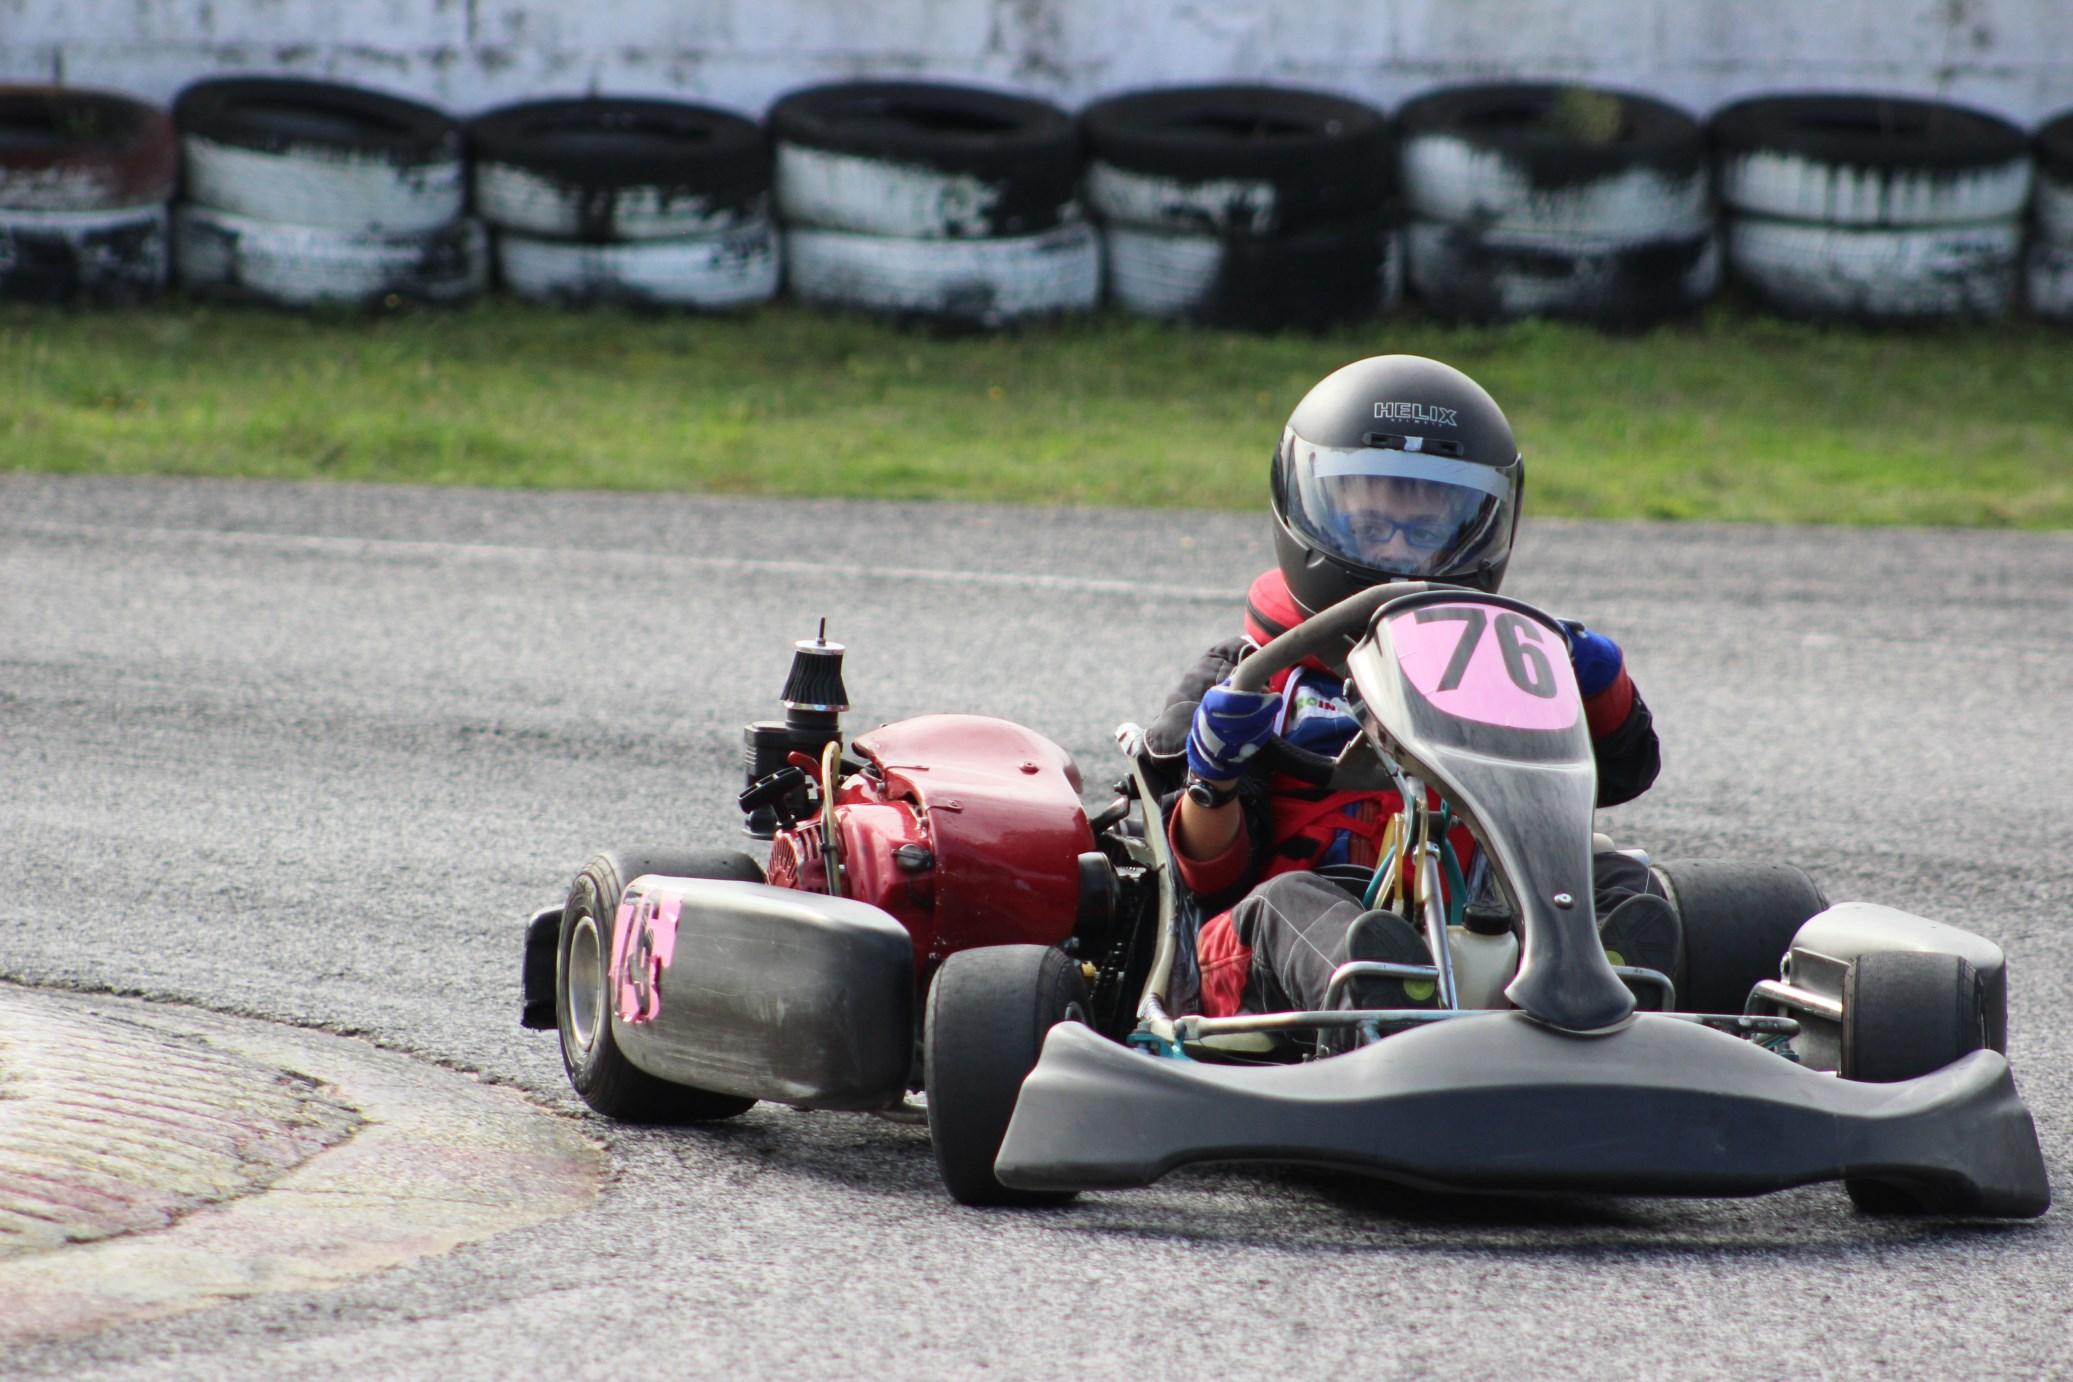 Troféu Honda 2014 - 4ª Prova106